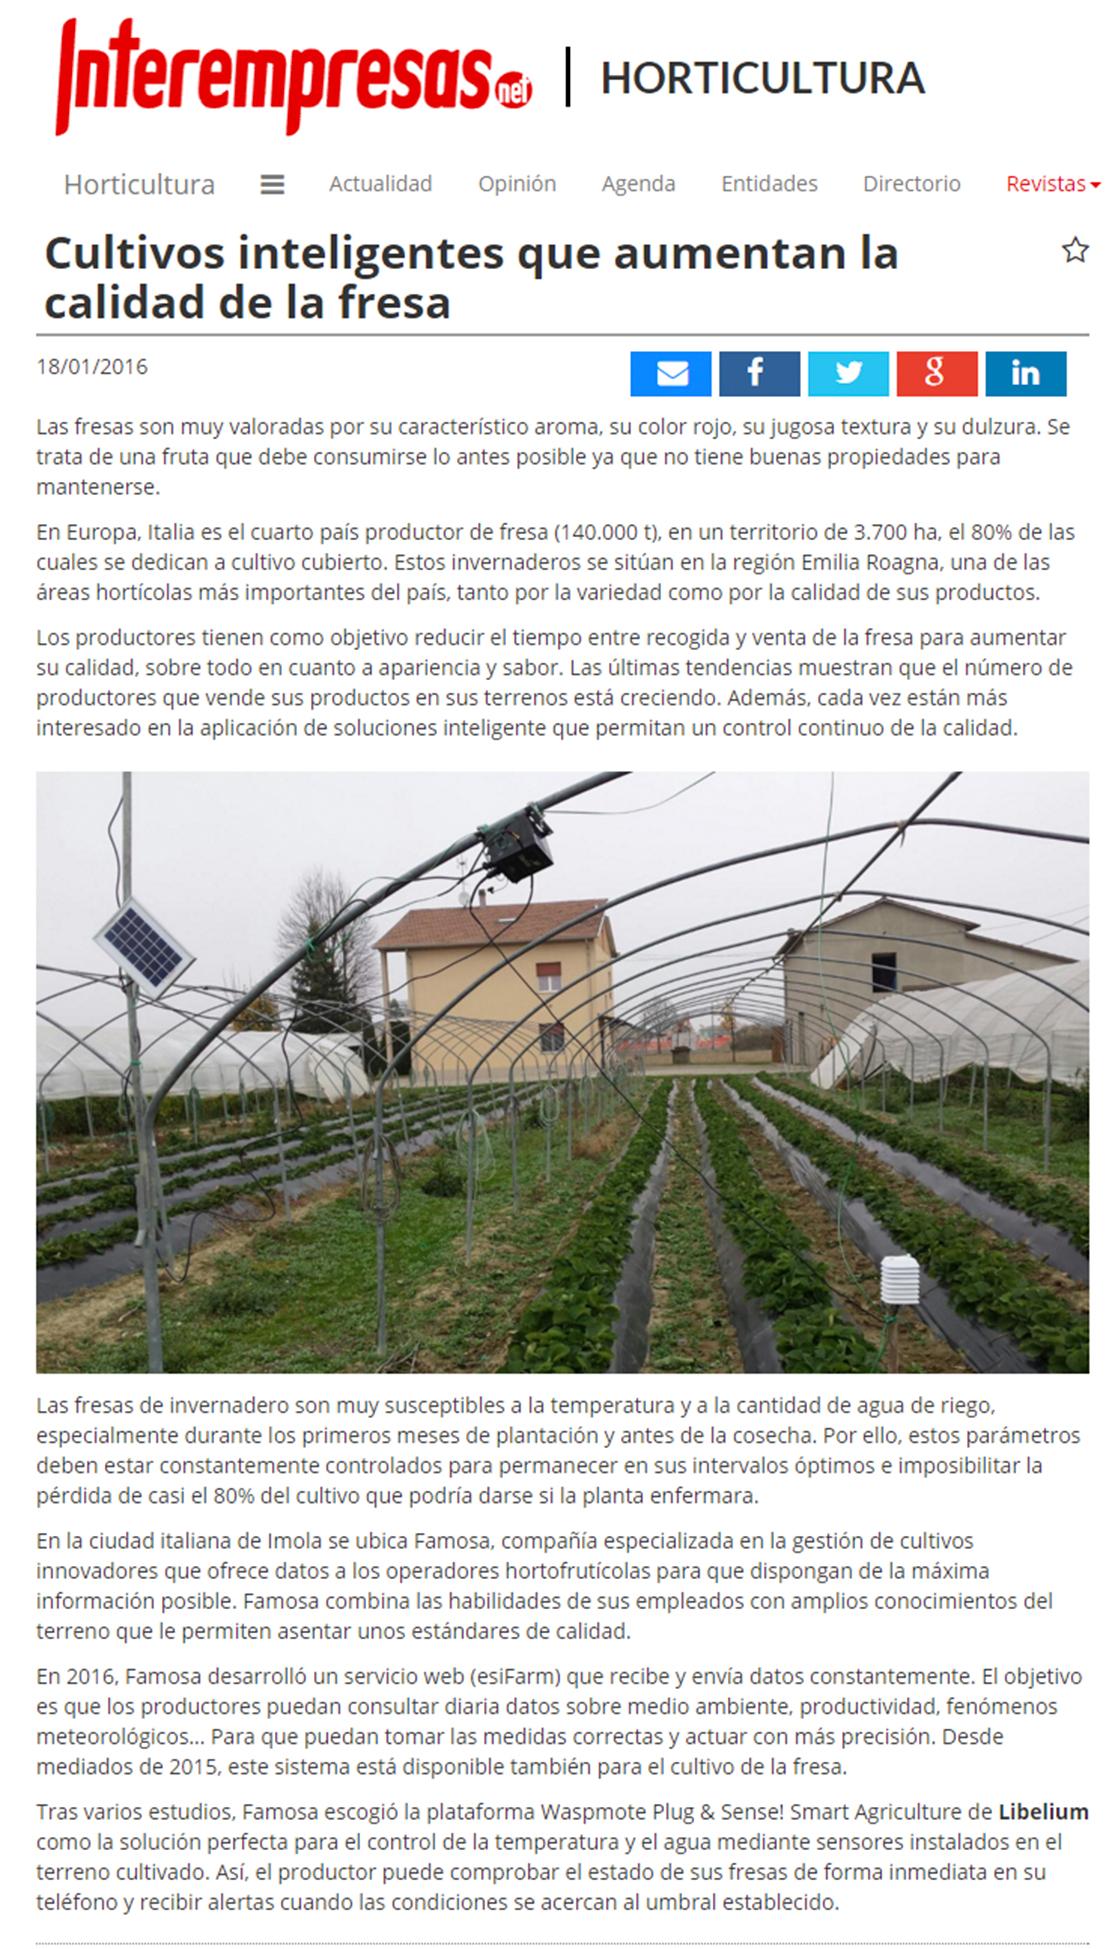 Interempresas.es – Cultivos inteligentes que aumentan la calidad de la fresa